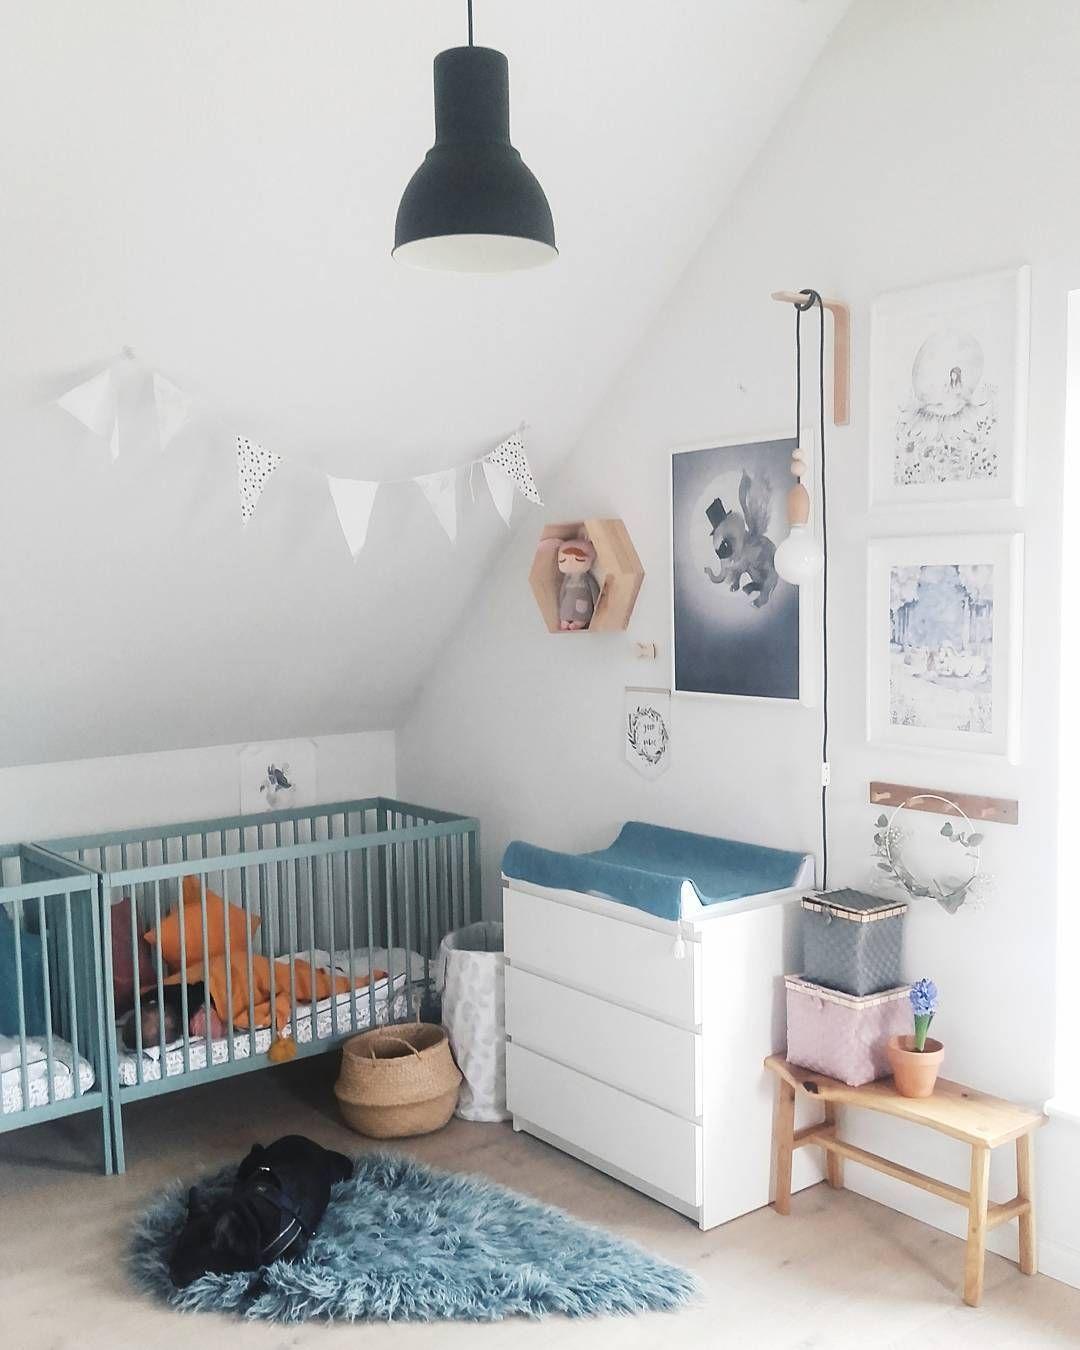 Une Chambre De Bebe En Total Look Bleu Et Blanc Avec Images